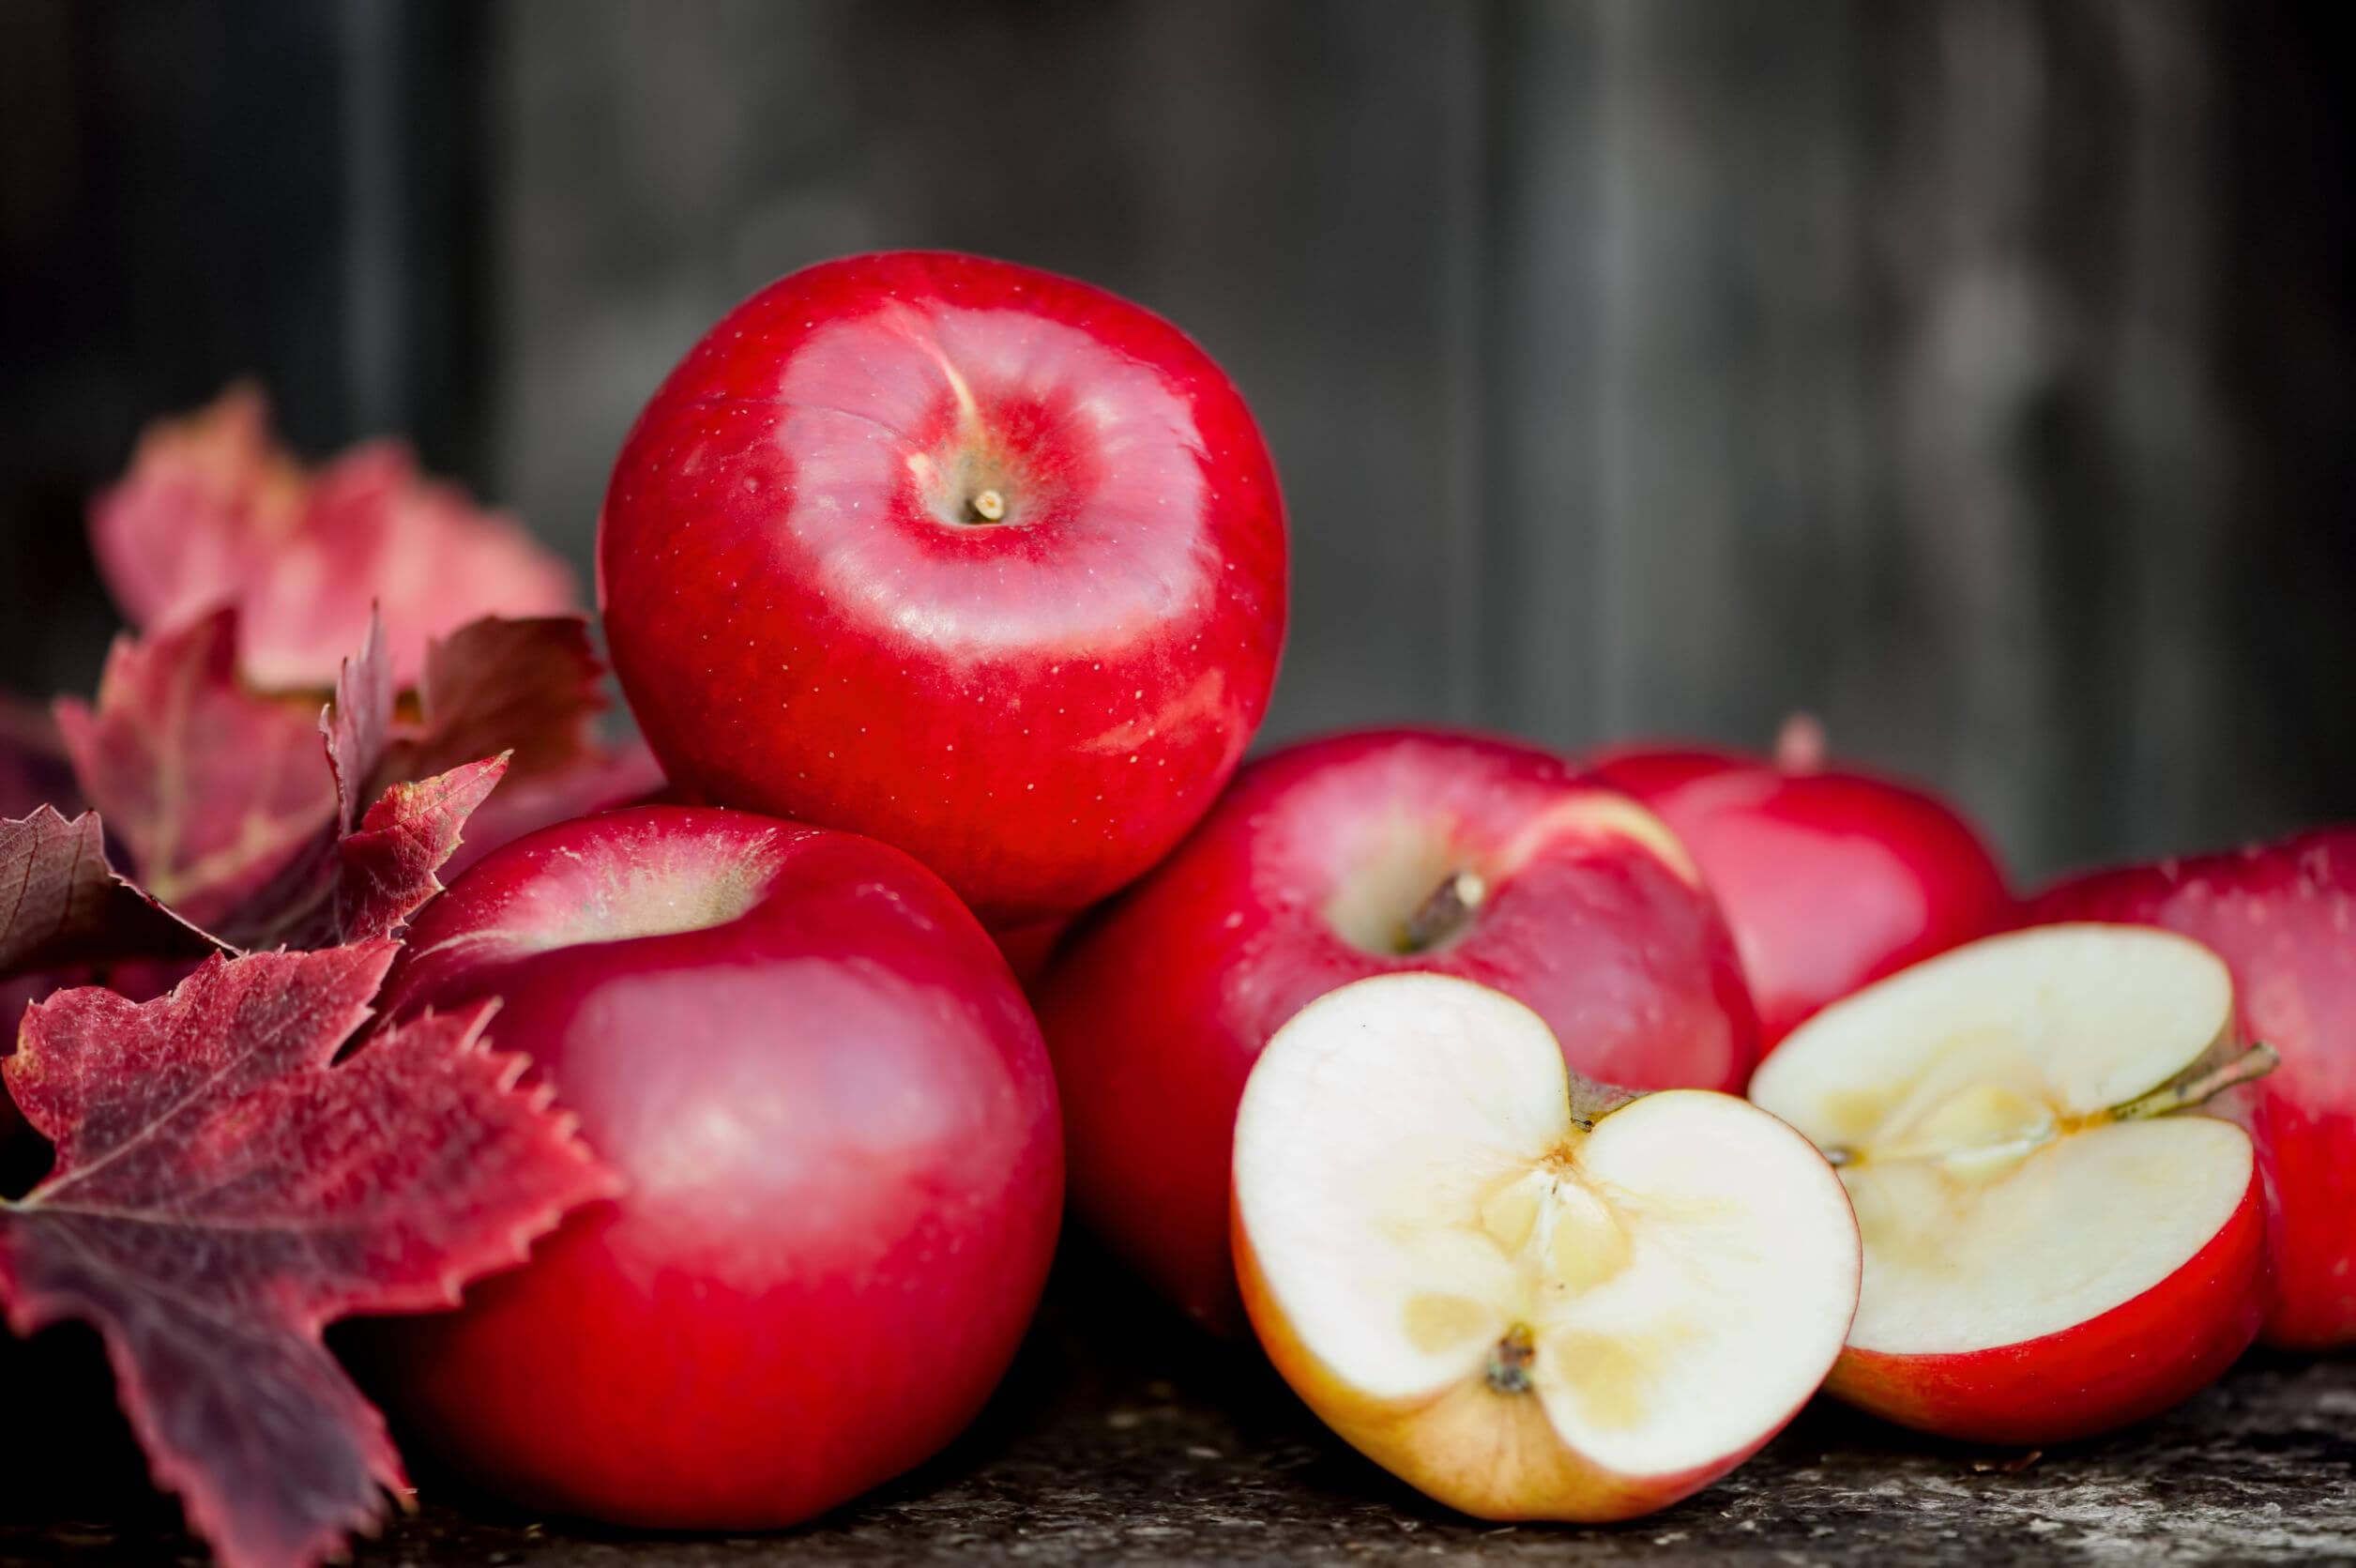 Las manzanas son excelentes para reducir la cintura.